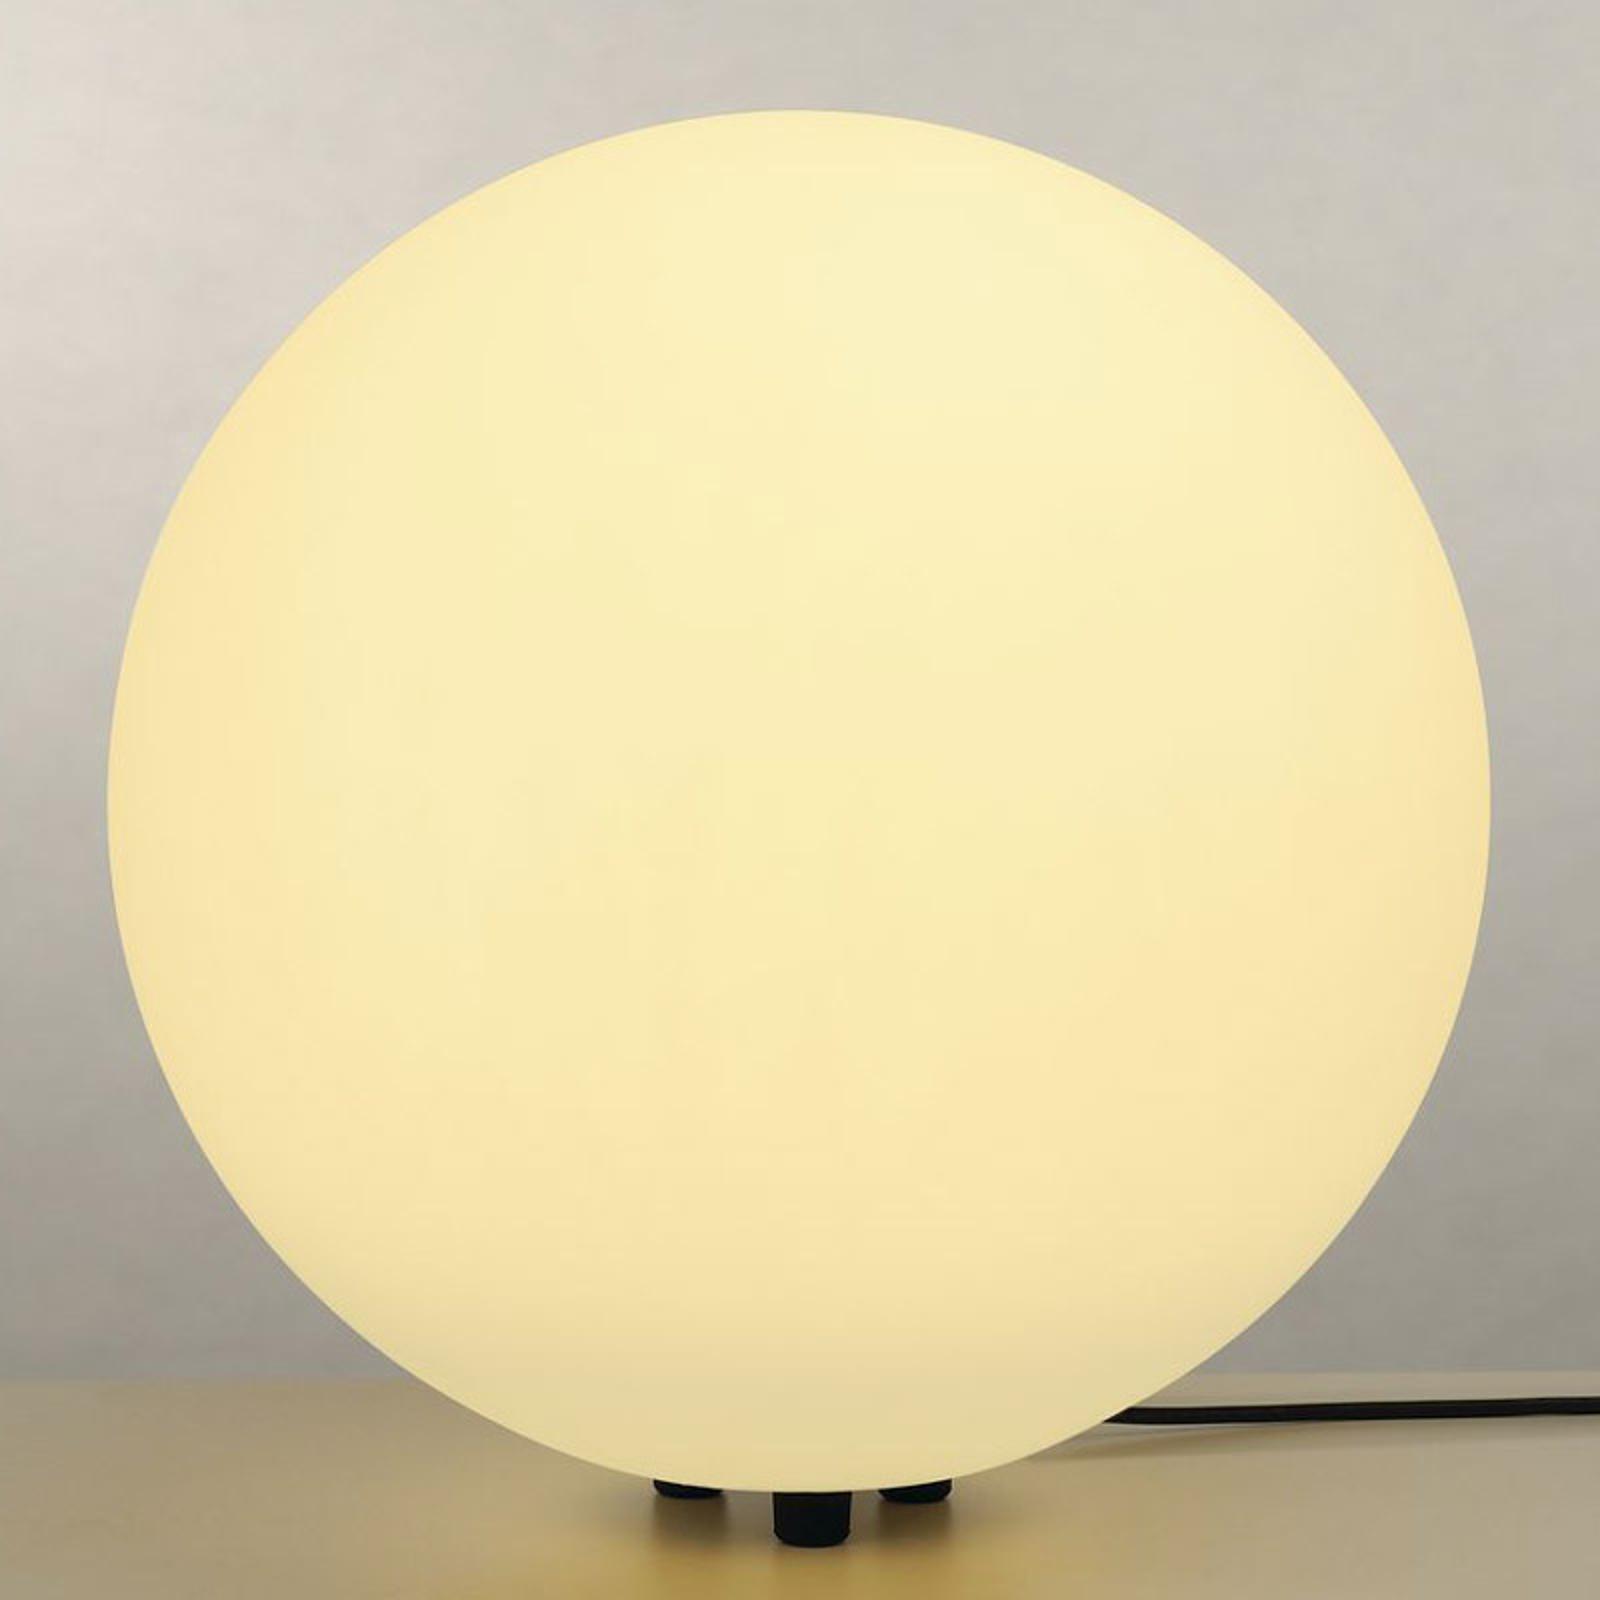 SLV Rotoball Leuchtkugel Ø 50cm